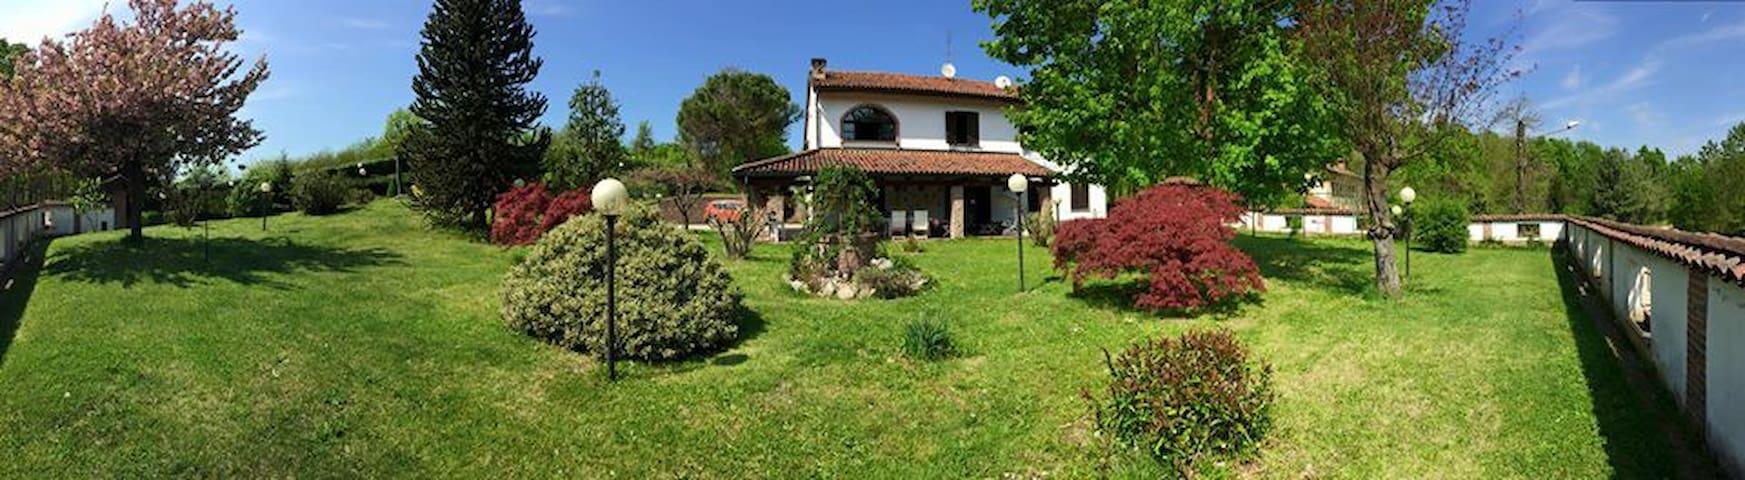 Villa natura relax privacy - Province of Asti - Villa